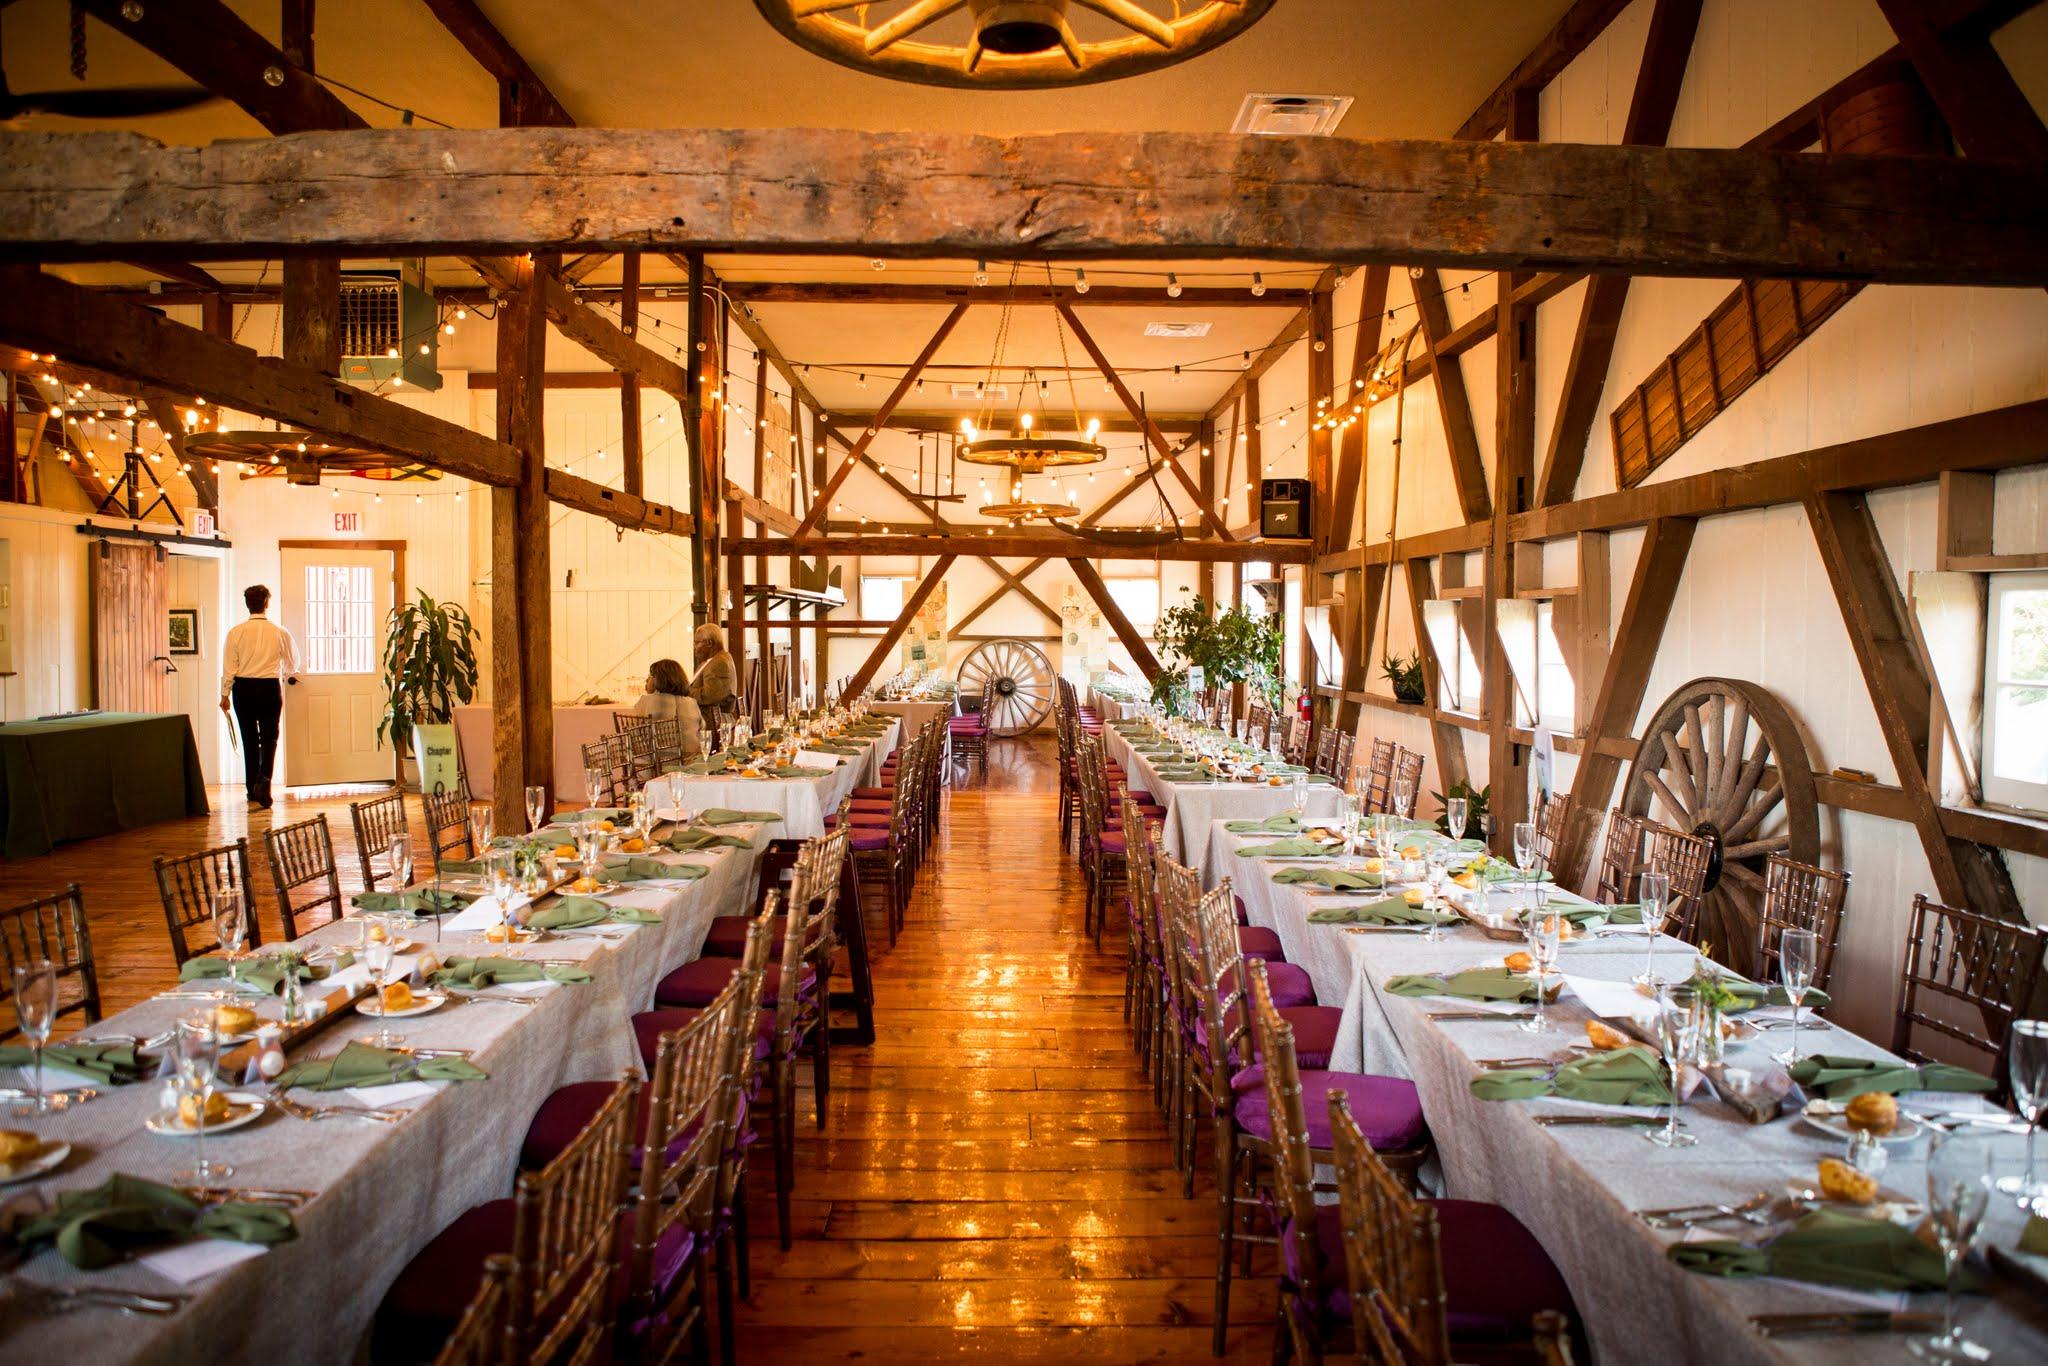 Moyo Rustic Wedding Venues In Pa Rustic Bride